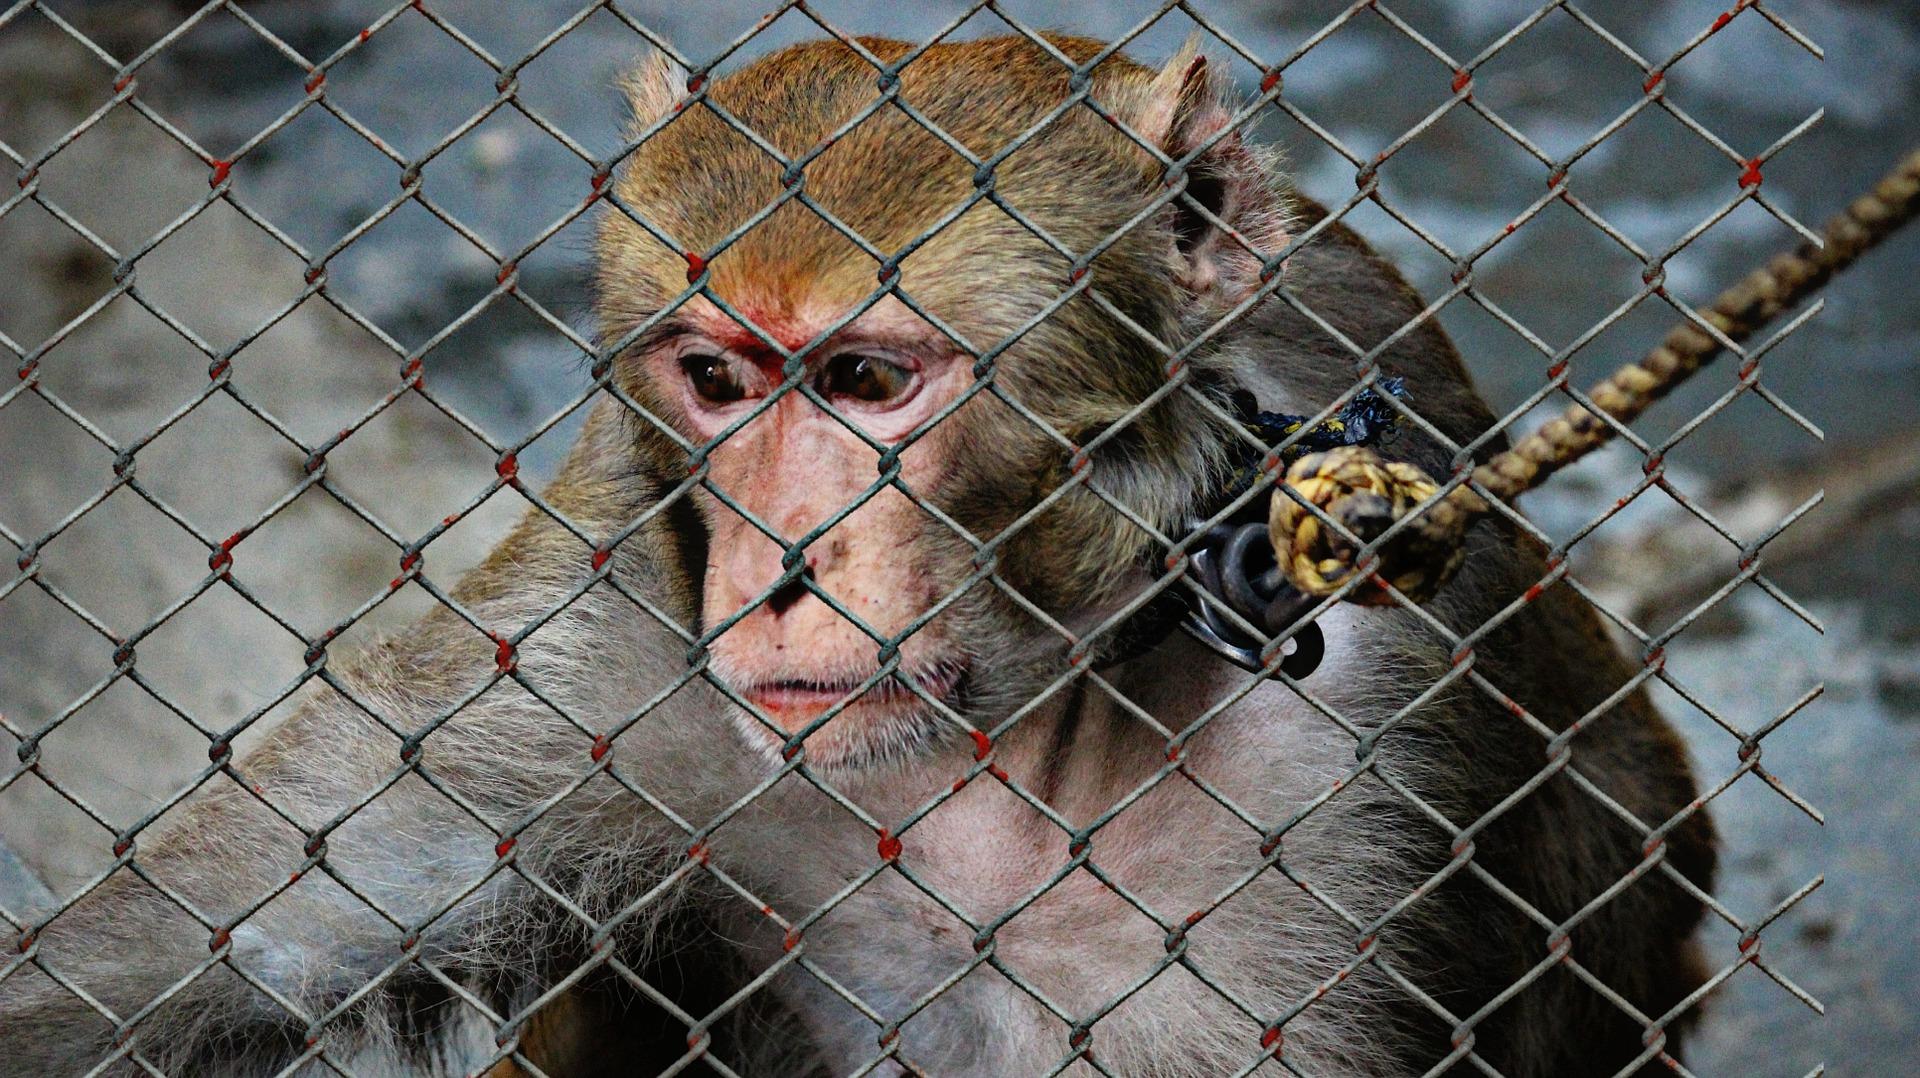 Človek vs zviera: Trpia zvieratá v zajatí?